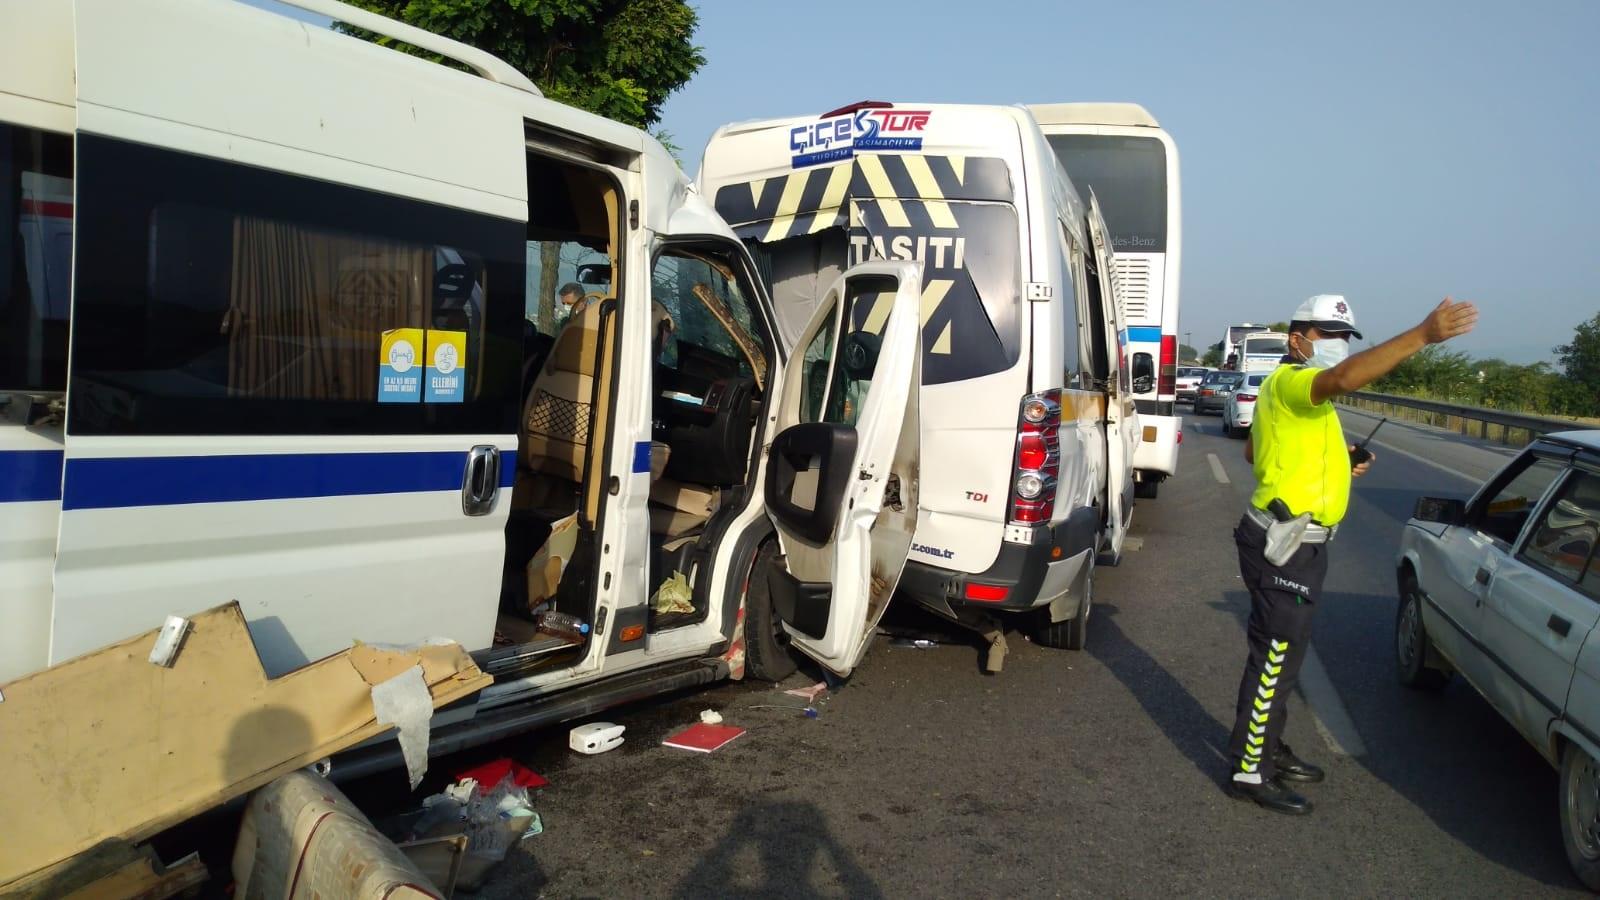 SON DAKİKA! Manisa'da zincirleme kaza! 5 araç birbirine girdi: 17 yaralı!